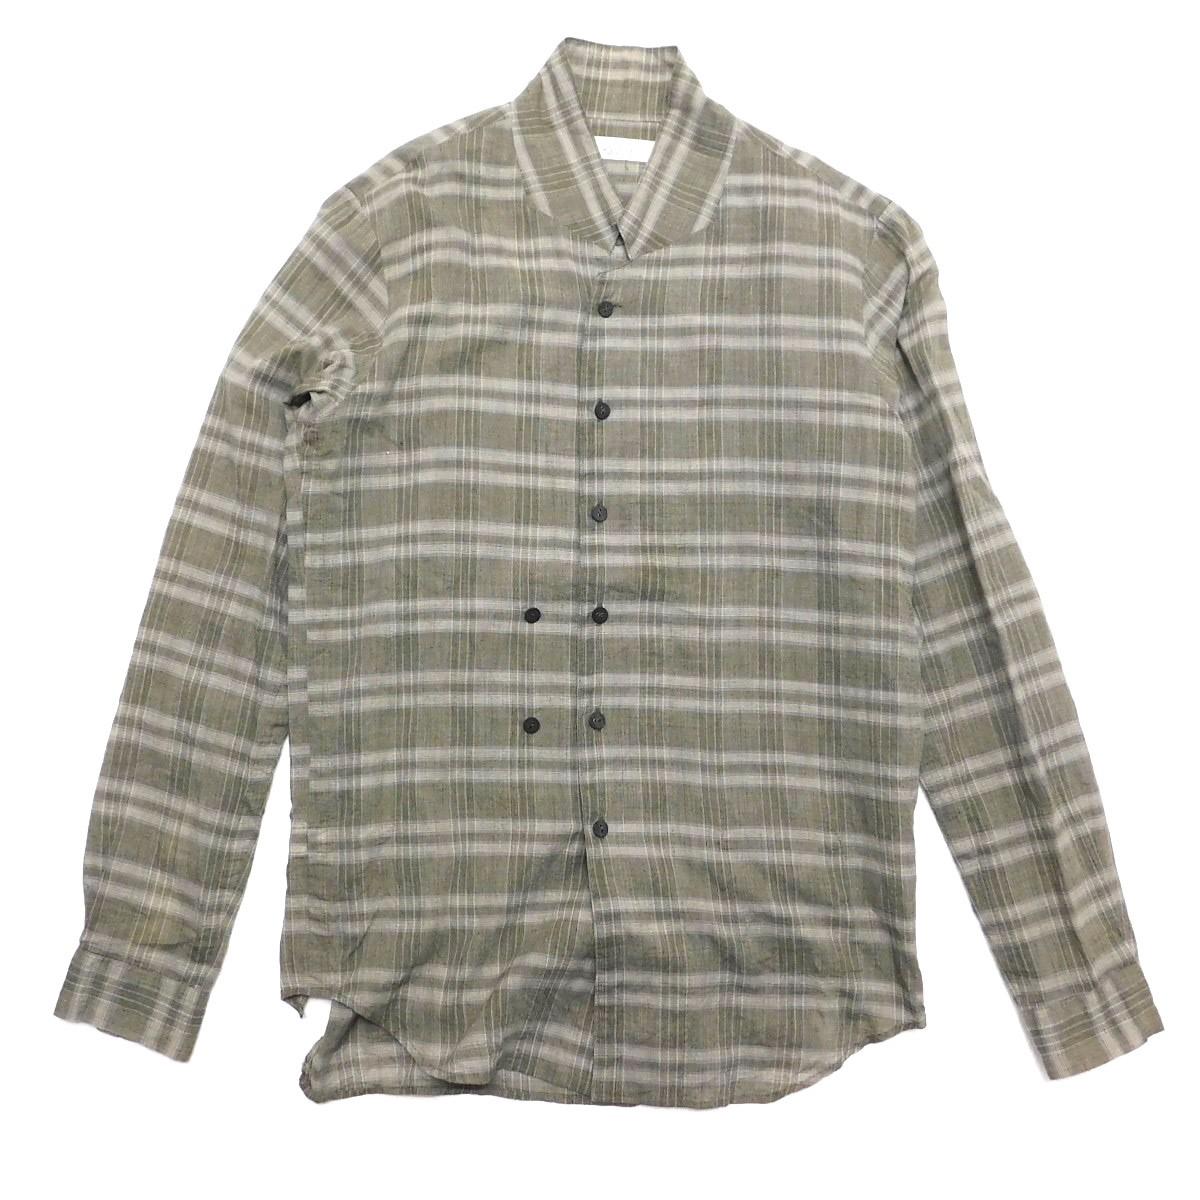 【中古】ensou. Stand Collar Shirt チェックスタンドカラーシャツ グレー サイズ:S 【060320】(エンソウ)